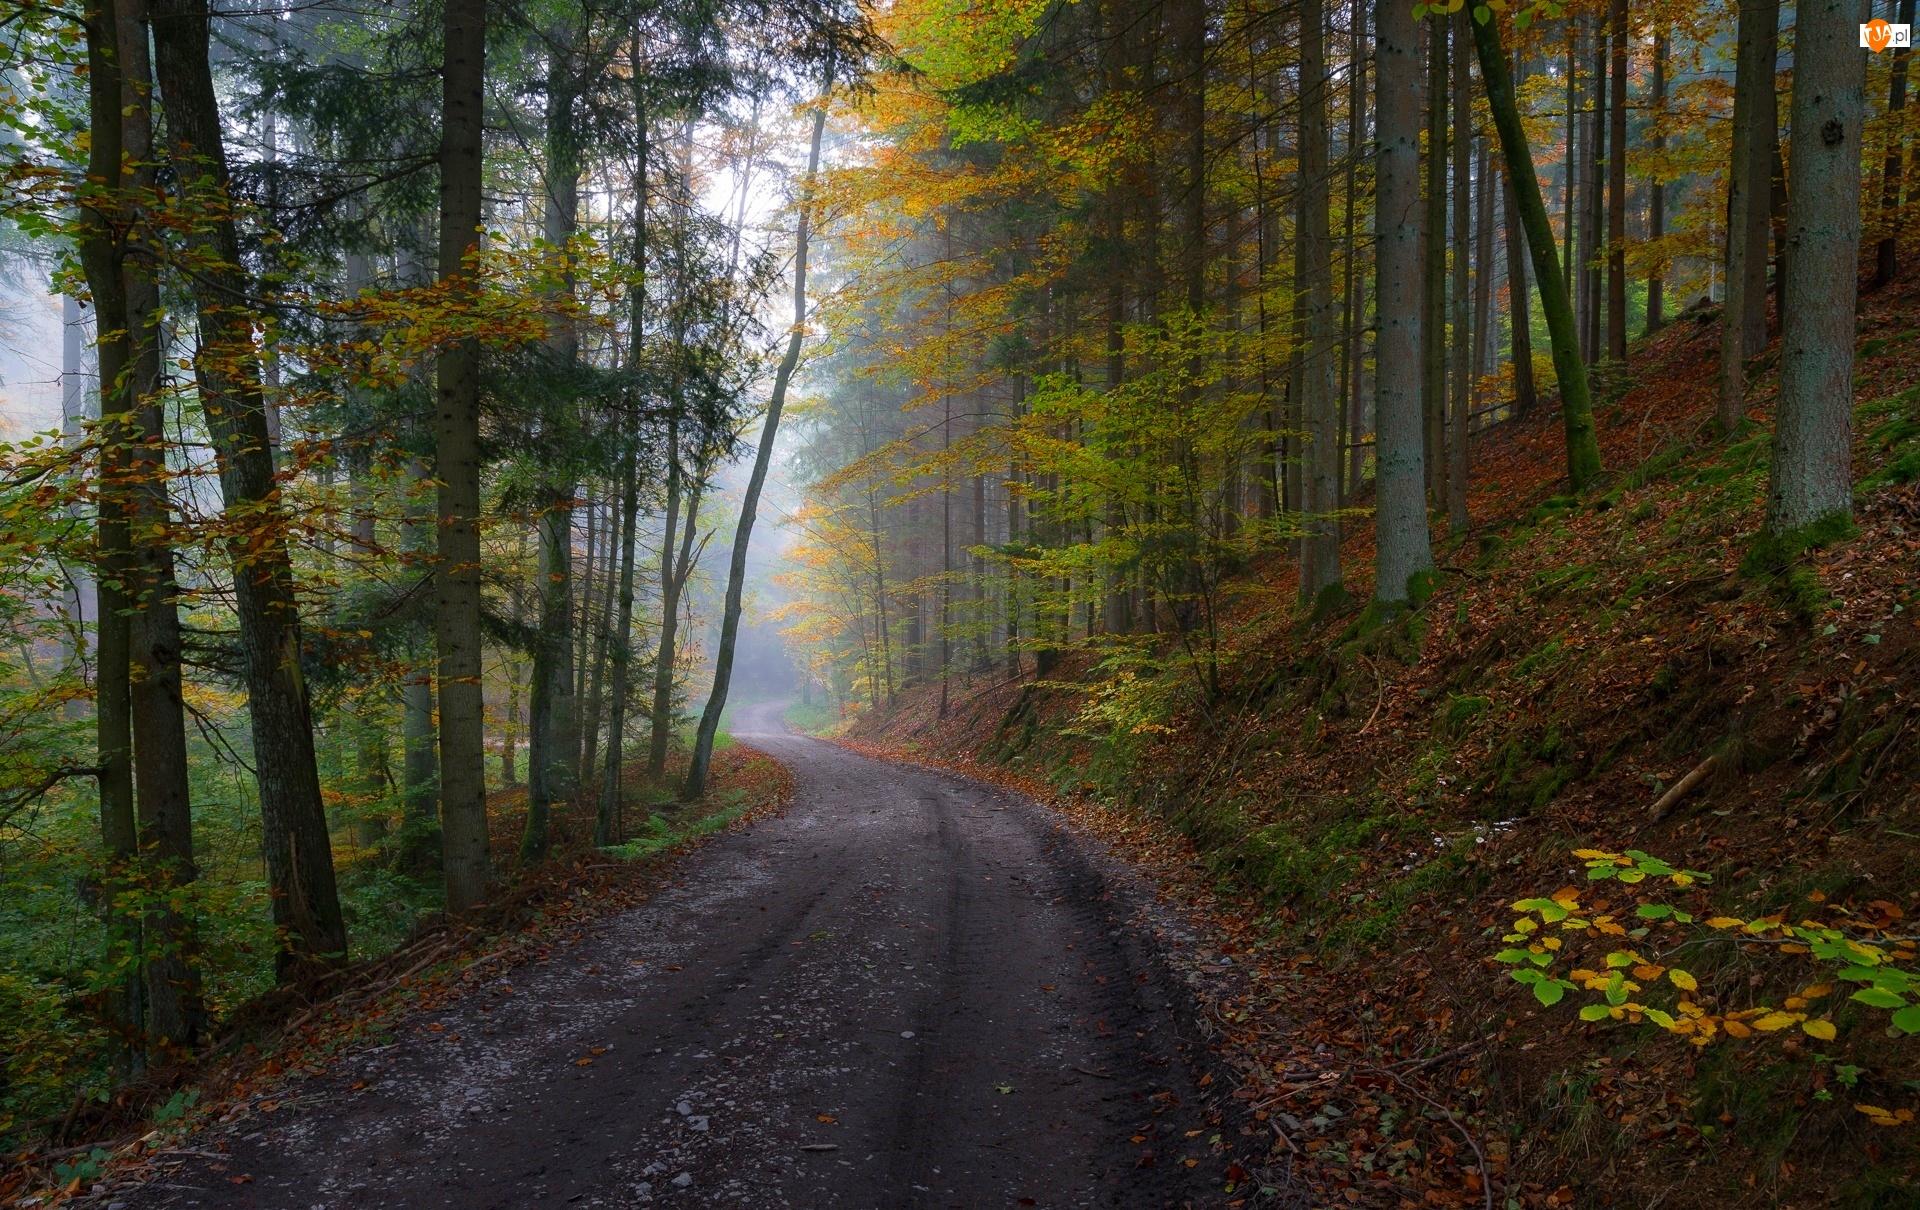 Drzewa, Jesień, Droga, Las, Mgła